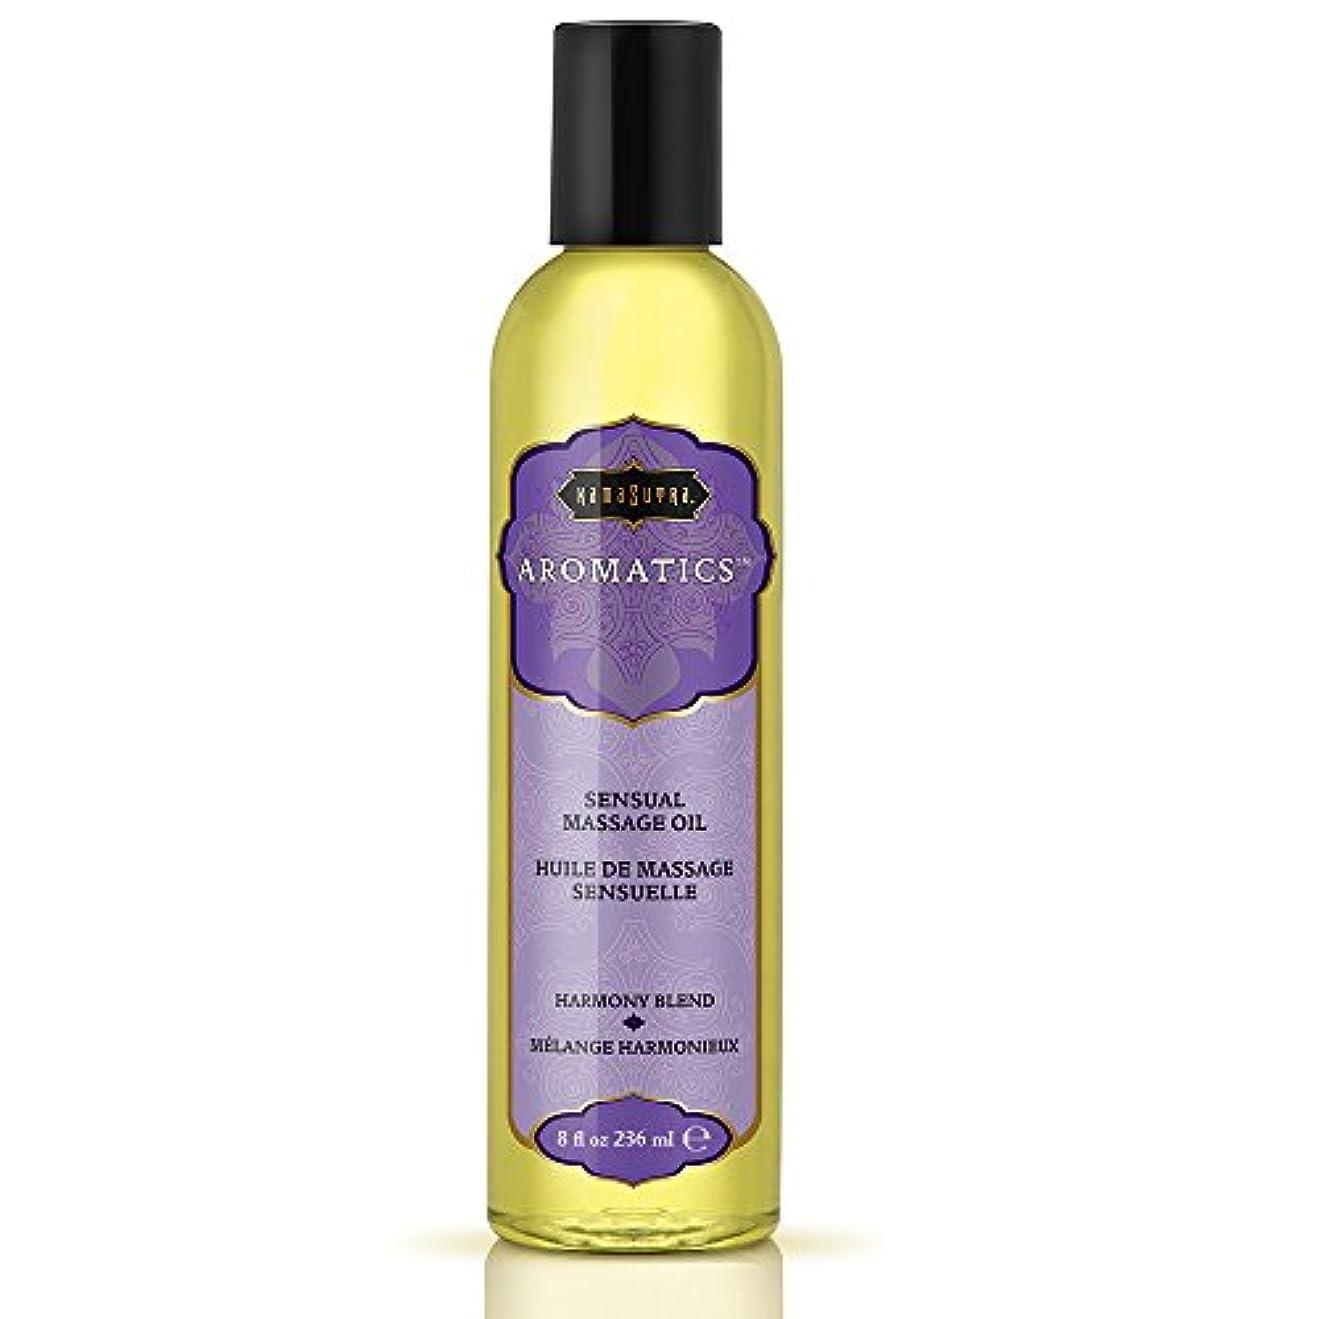 リレー名誉薄いAromatic Massage Oil Harmony Blend 8oz by Kama Sutra